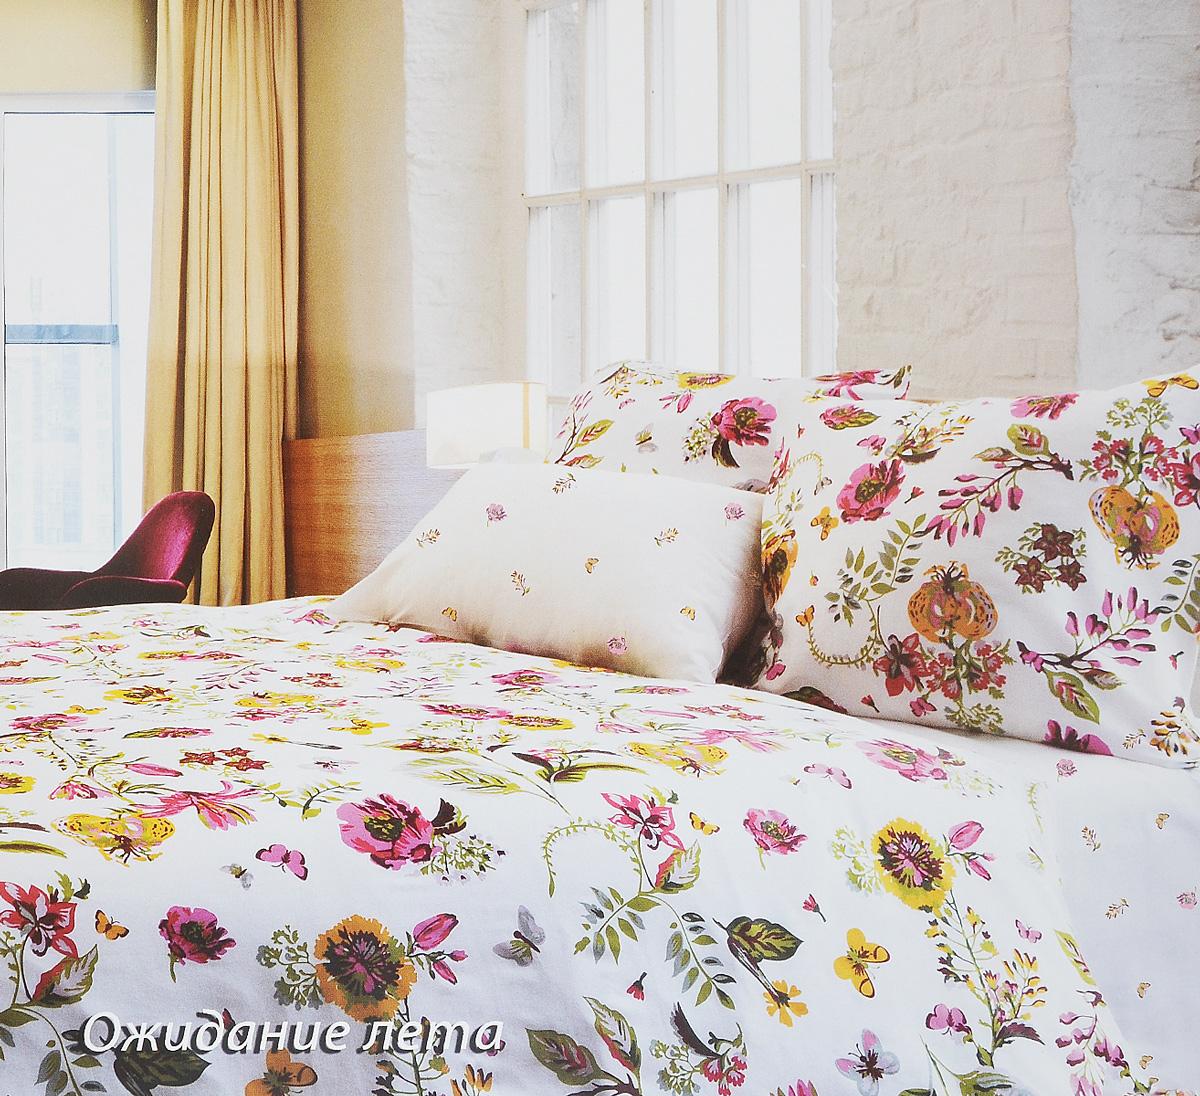 Комплект белья Tiffanys Secret Ожидание лета, 1,5-спальный, наволочки 70х70, цвет: белый, розовый, желтыйCA-3505Комплект постельного белья Tiffanys Secret Ожидание лета является экологически безопасным для всей семьи, так как выполнен из сатина (100% хлопок). Комплект состоит из пододеяльника, простыни и двух наволочек. Предметы комплекта оформлены оригинальным рисунком.Благодаря такому комплекту постельного белья вы сможете создать атмосферу уюта и комфорта в вашей спальне.Сатин - это ткань, навсегда покорившая сердца человечества. Ценившие роскошь персы называли ее атлас, а искушенные в прекрасном французы - сатин. Секрет высококачественного сатина в безупречности всего технологического процесса. Эту благородную ткань делают только из отборной натуральной пряжи, которую получают из самого лучшего тонковолокнистого хлопка. Благодаря использованию самой тонкой хлопковой нити получается необычайно мягкое и нежное полотно. Сатиновое постельное белье превращает жаркие летние ночи в прохладные и освежающие, а холодные зимние - в теплые и согревающие. Сатин очень приятен на ощупь, постельное белье из него долговечно, выдерживает более 300 стирок, и лишь спустя долгое время материал начинает немного тускнеть. Оцените все достоинства постельного белья из сатина, выбирая самое лучшее для себя!